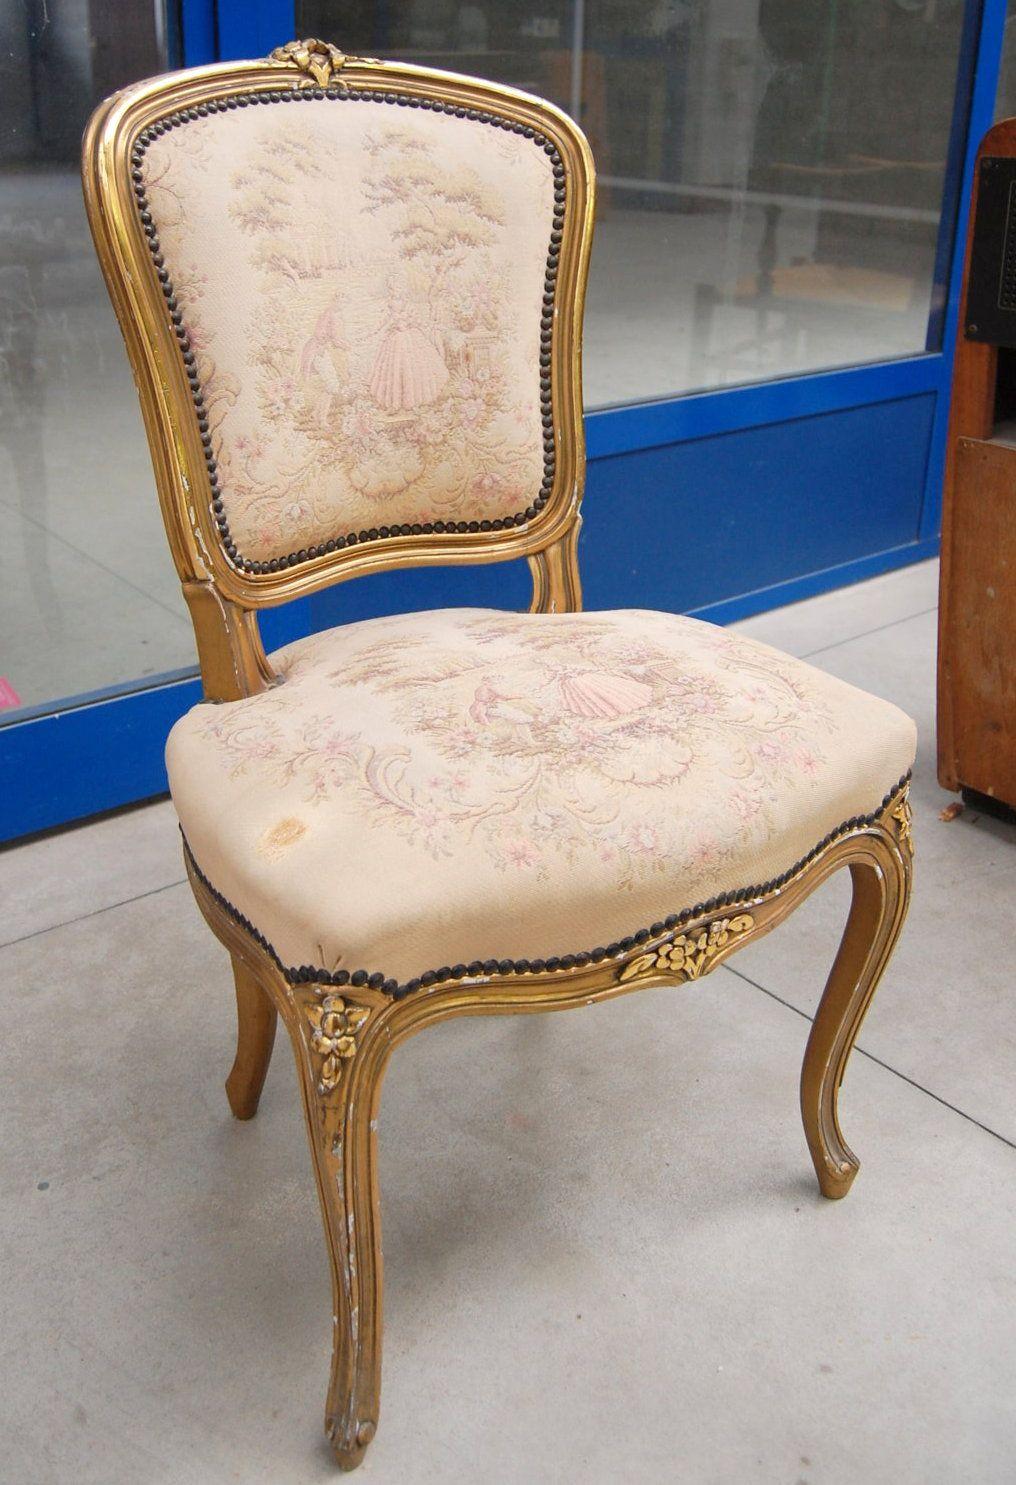 Sedia da camera in stile Luigi XV dorata con fiori scolpiti | Fenice ...